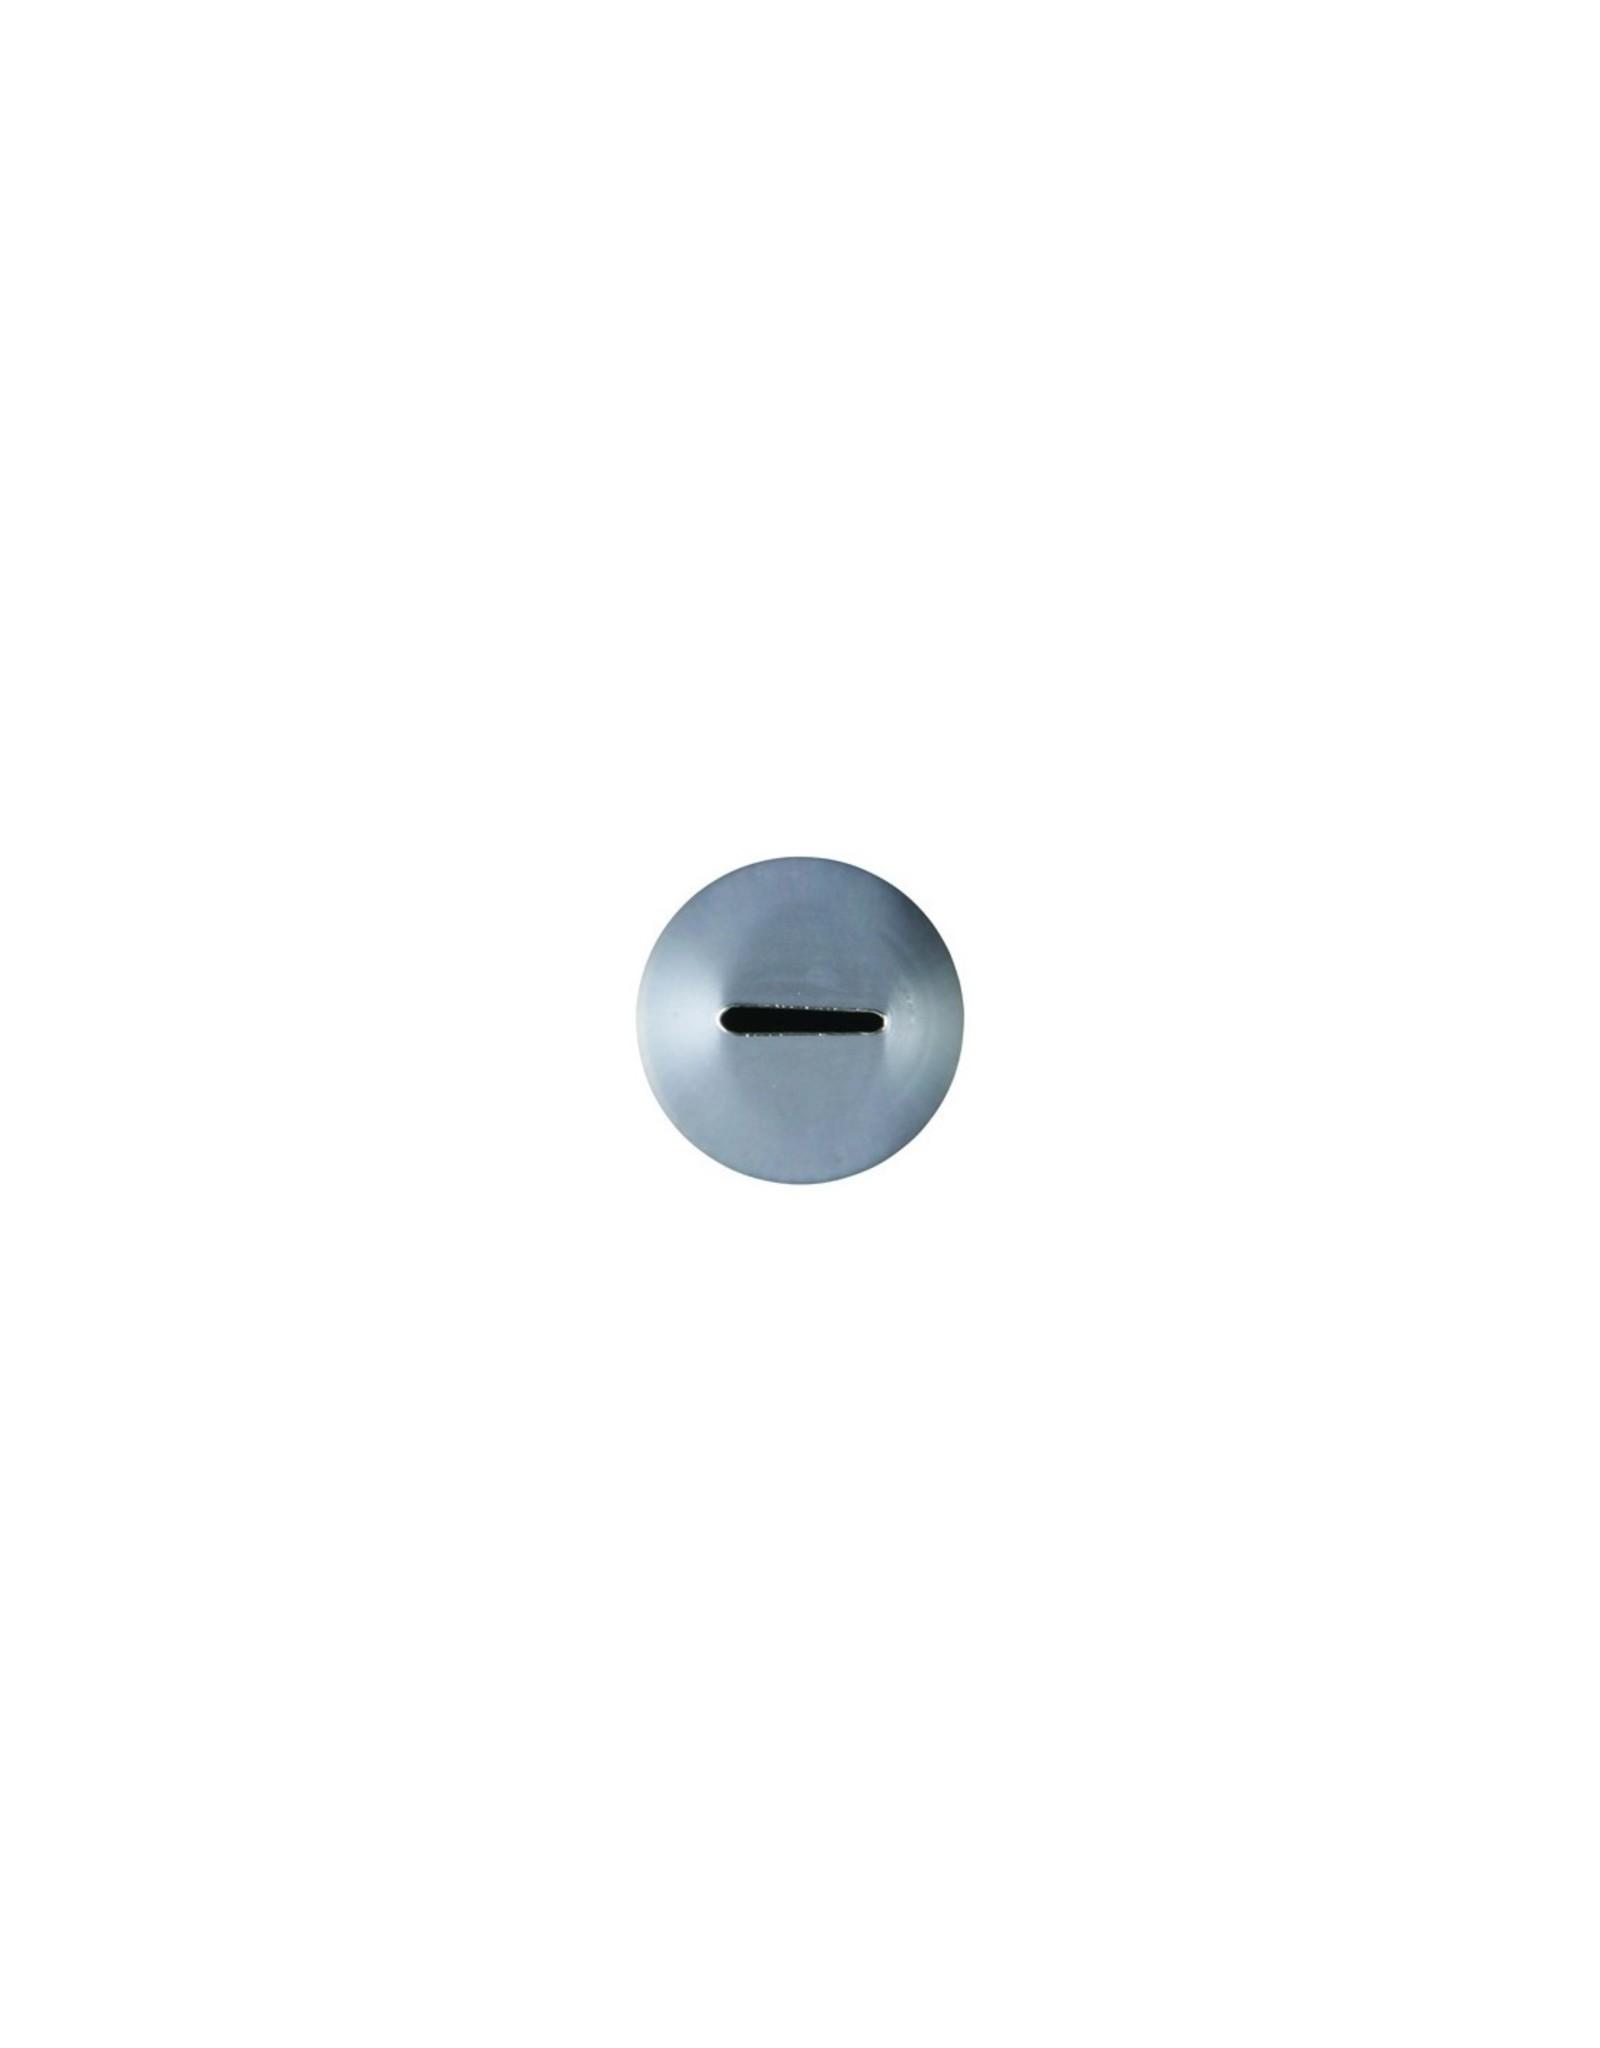 JEM JEM Small Plain Basketweave Nozzle #44